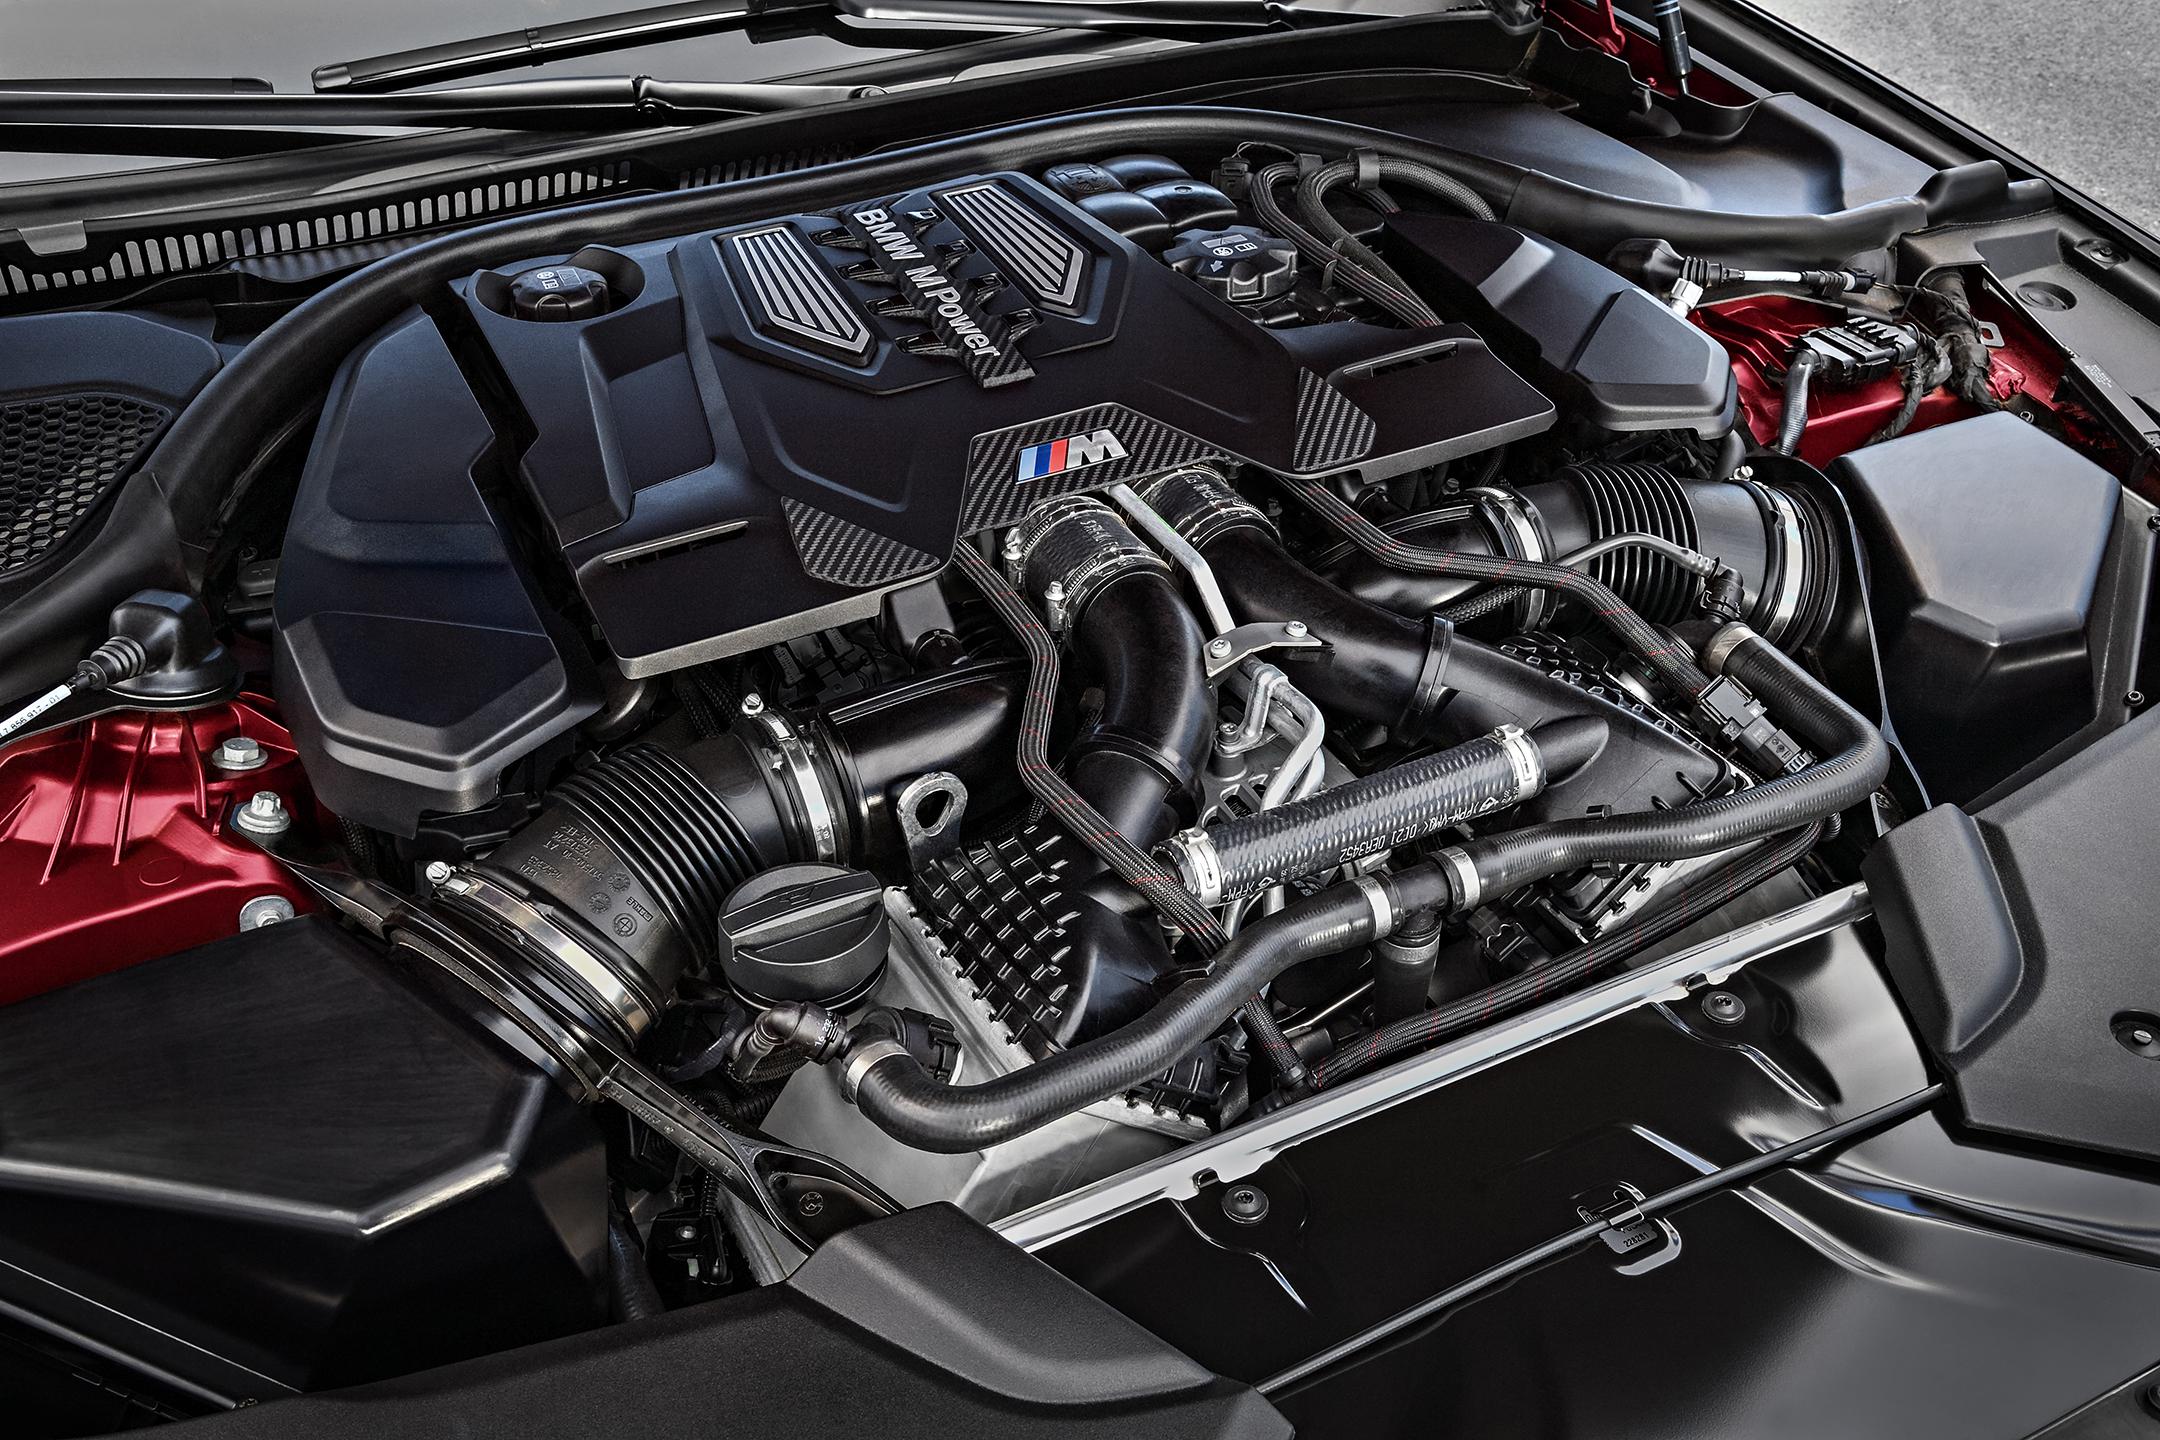 BMW M5 F90 - 2017 - under the hood - 4.4L V8 biturbo - engine / moteur